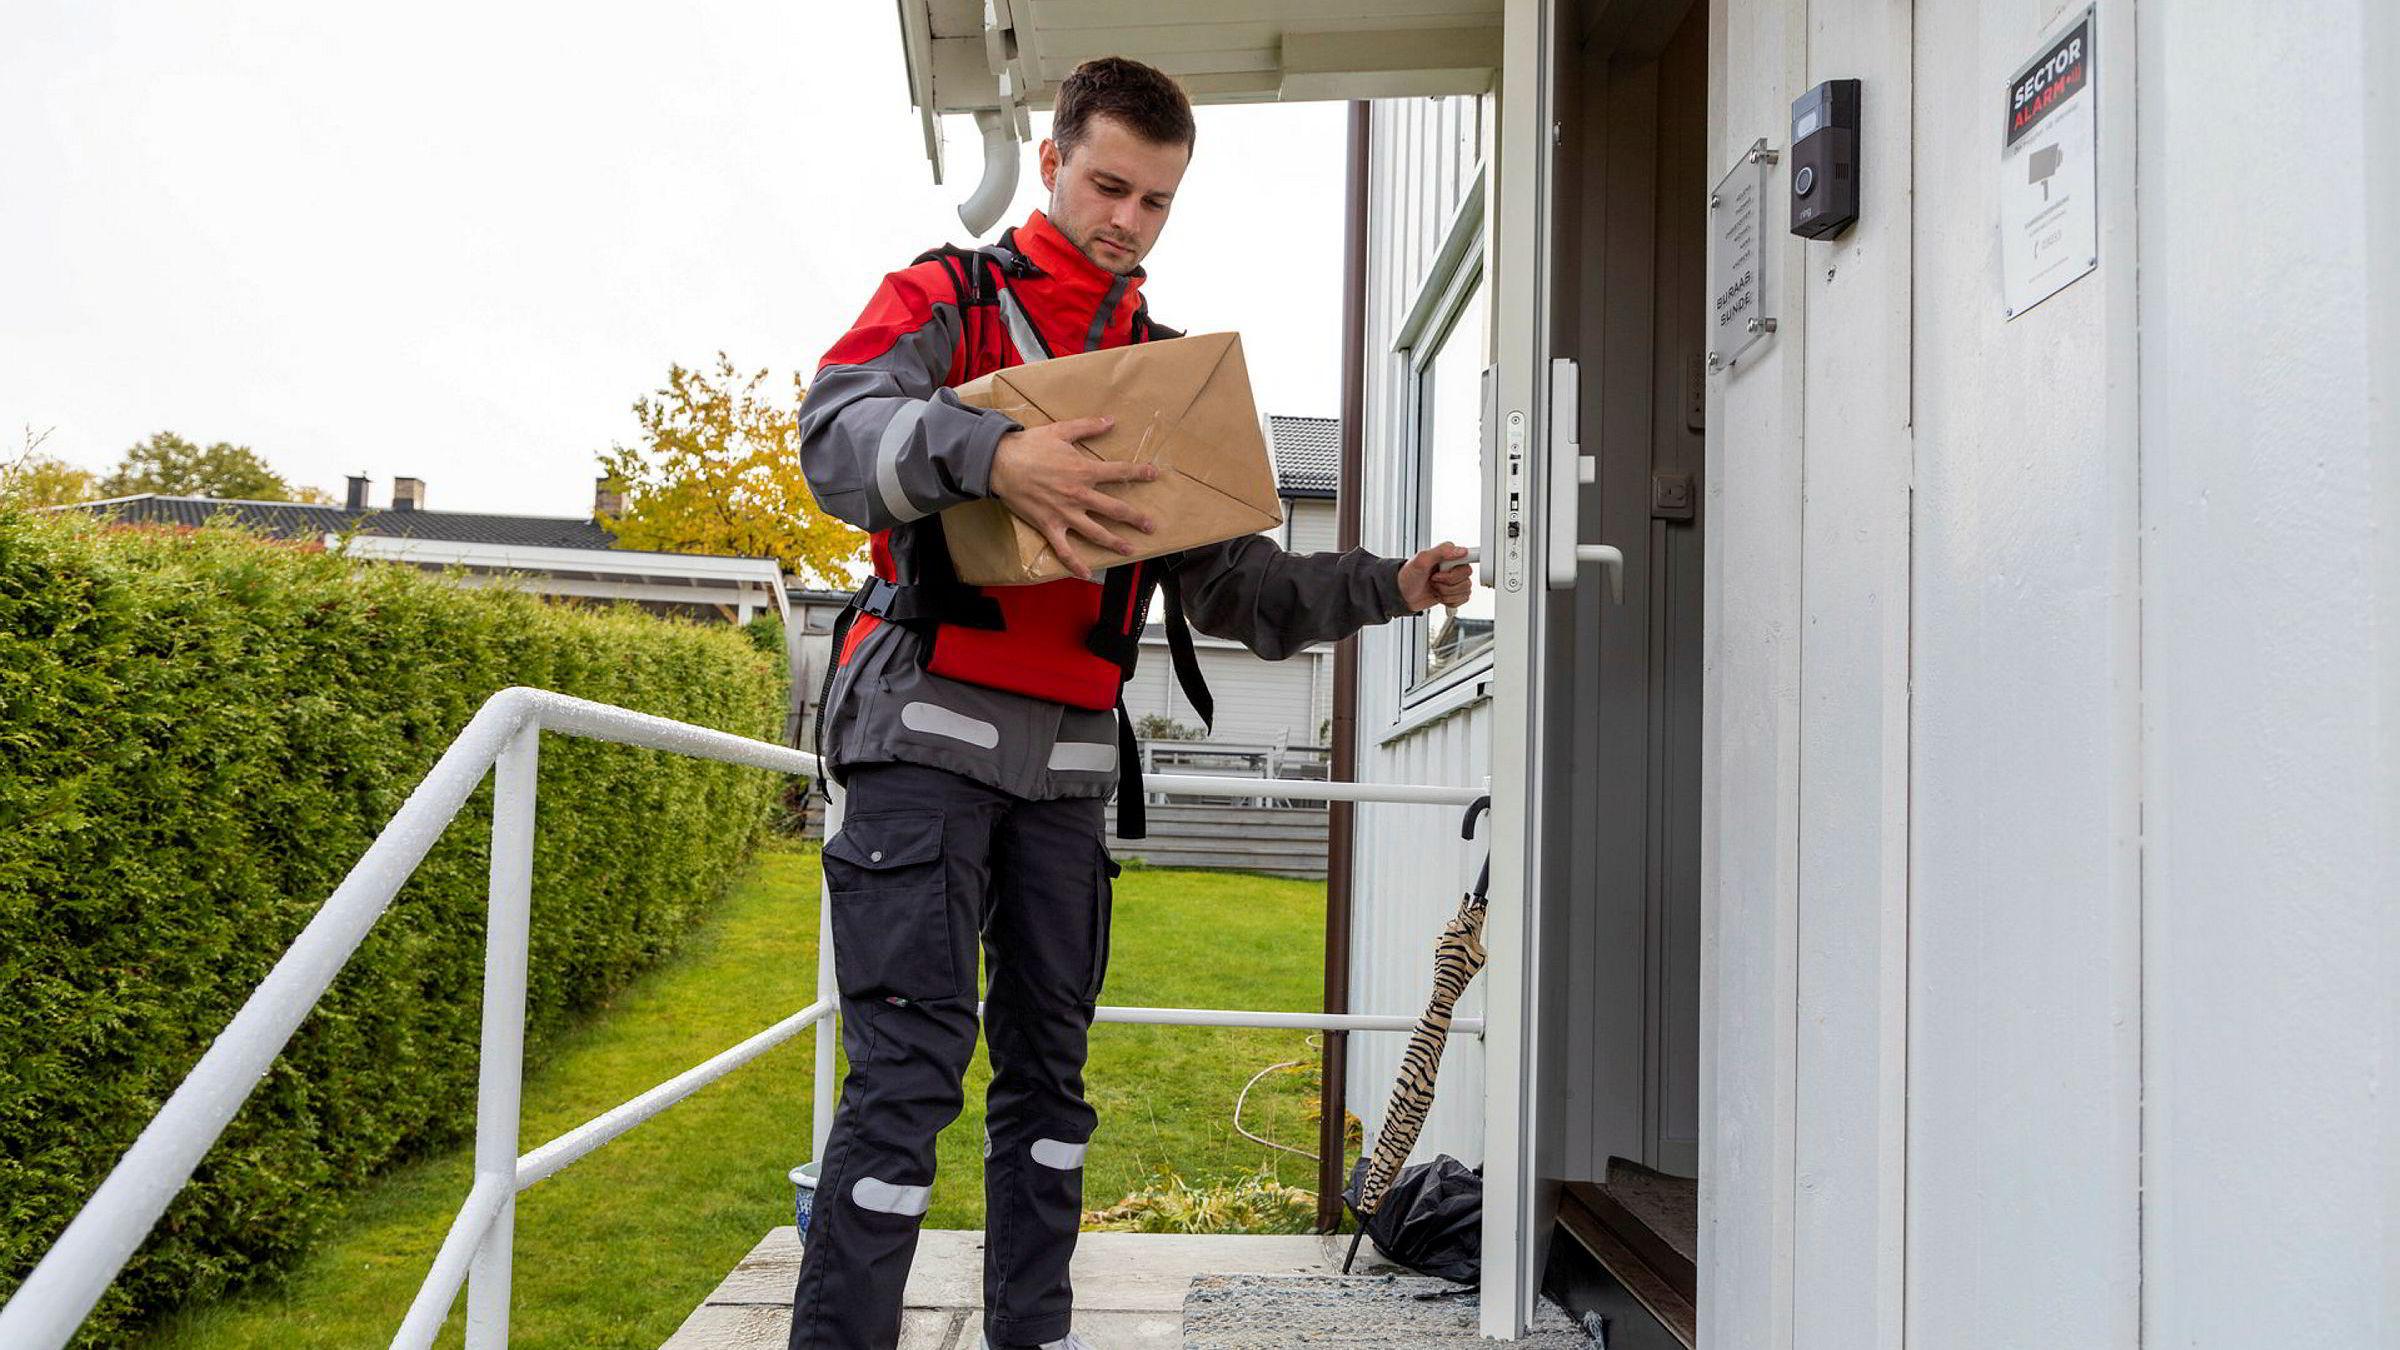 «Innafor» er navnet på en ny tjeneste og app som gjør det mulig for privatpersoner å få levert pakker inn i gangen. Her leverer postbud Pål Gunnar Molland en pakke innenfor døren til kunden.